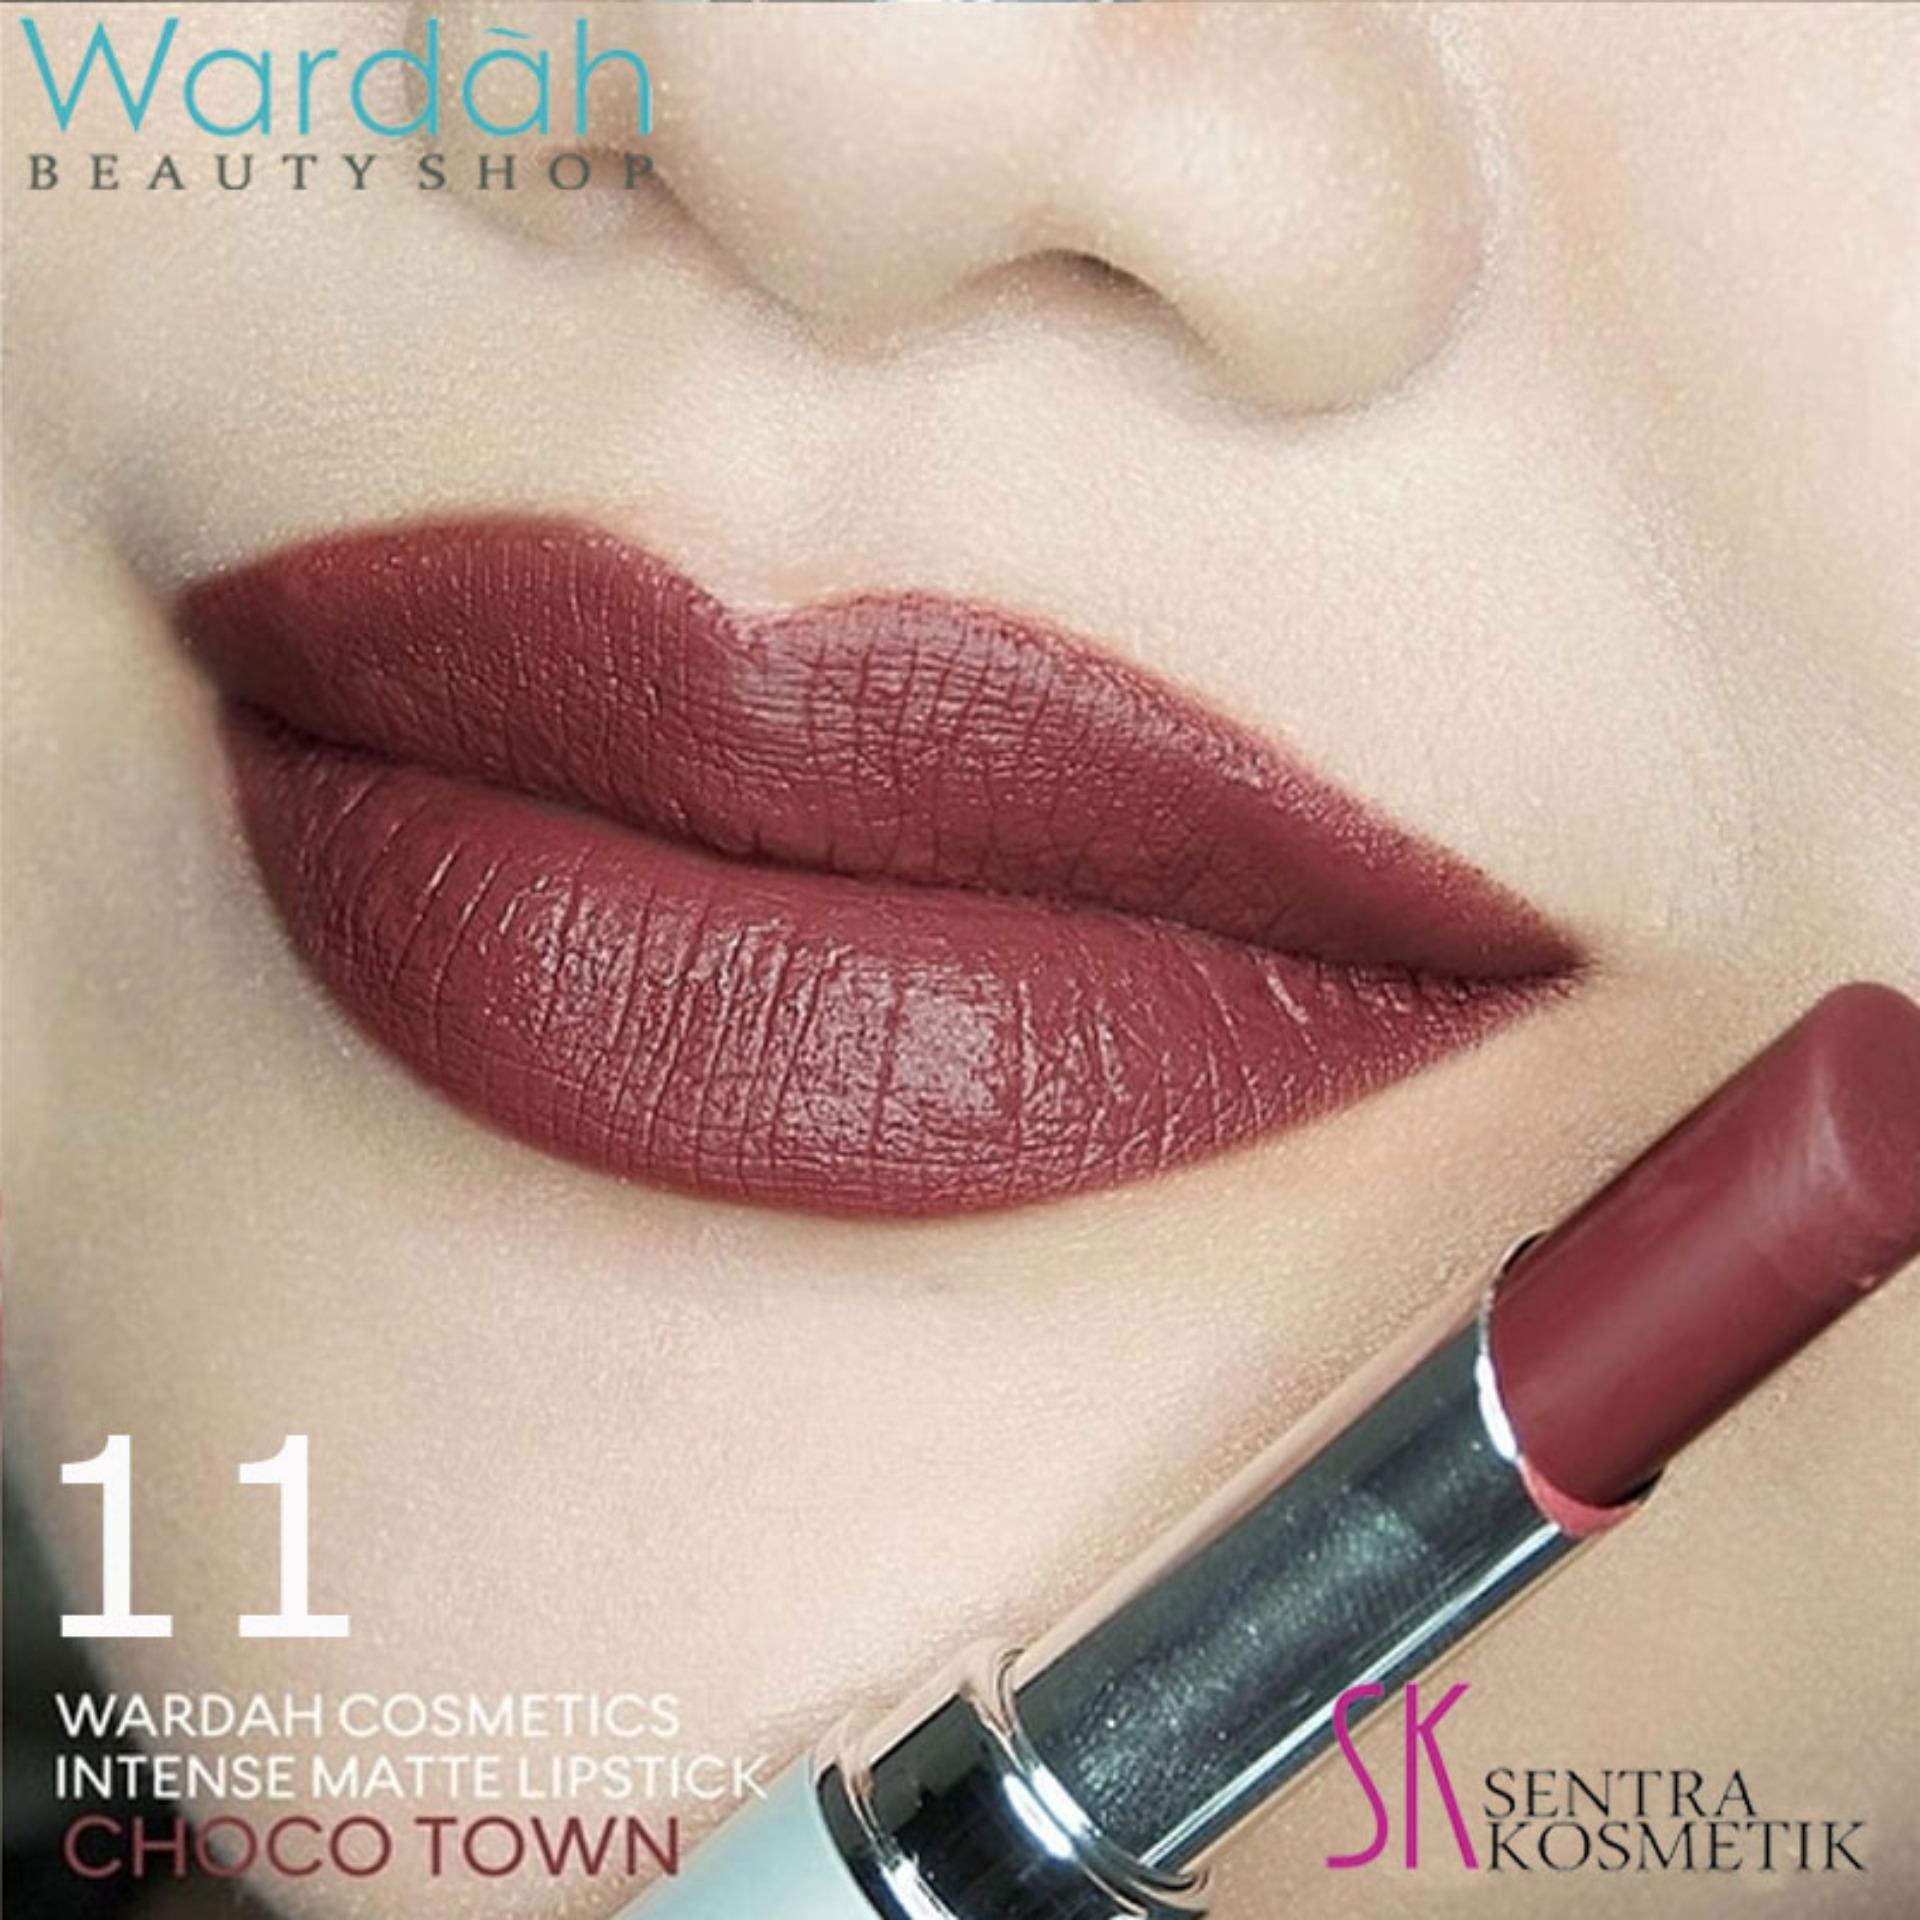 Produk Terlaris Make Over Intense Matte Lip Cream 003 Secret Toko Tahan Lama Hingga 10 Jam Wardah Lipstick 11 Choco Town